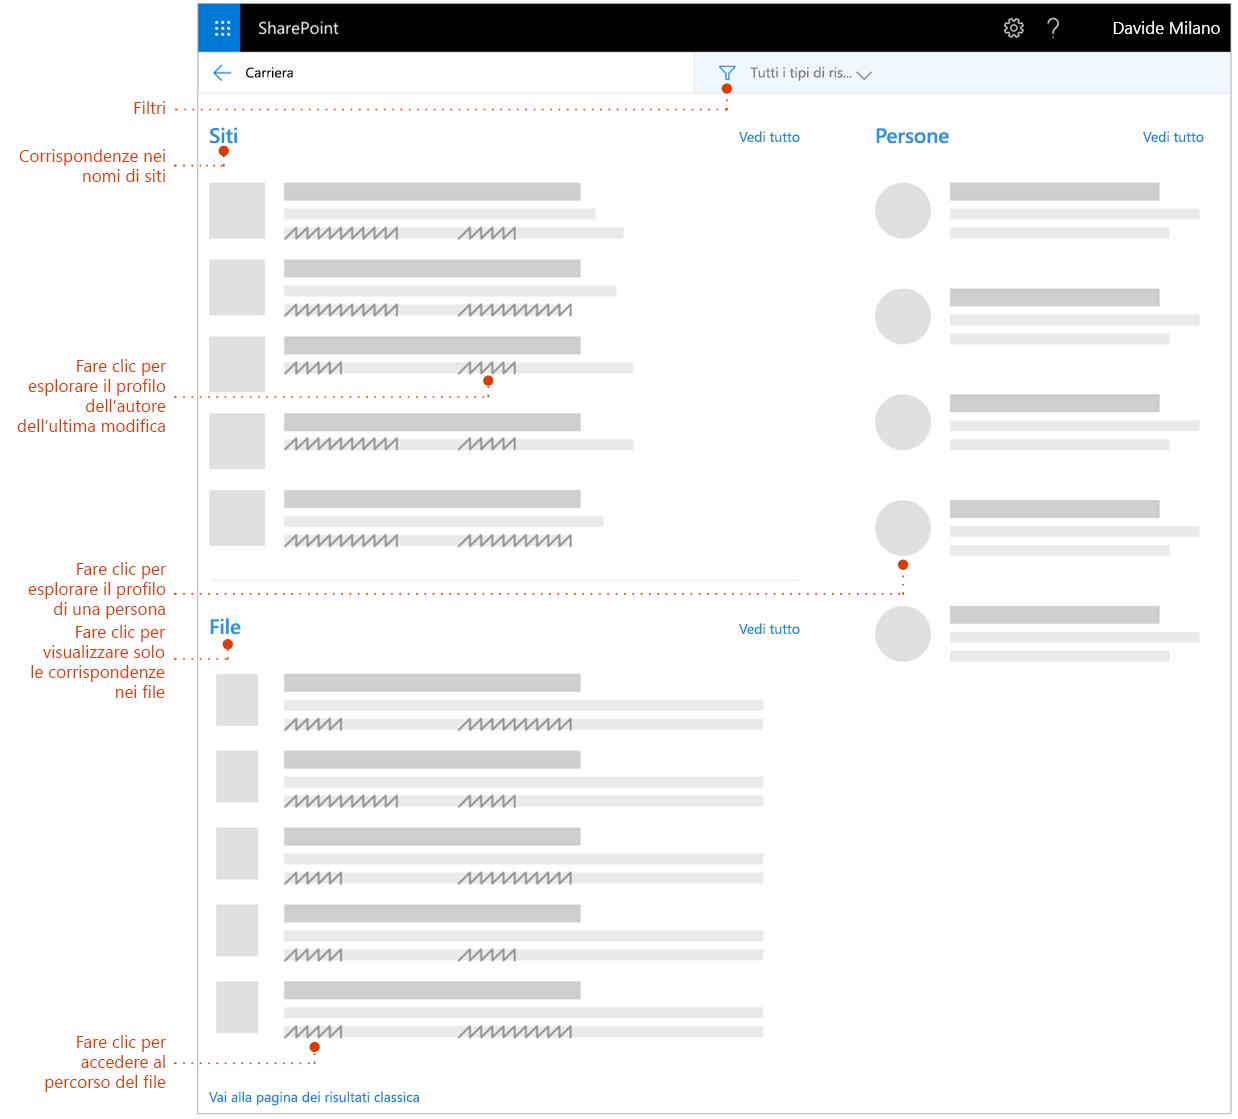 Schermata della ricerca dei risultati della pagina con puntatori agli elementi da esplorare.